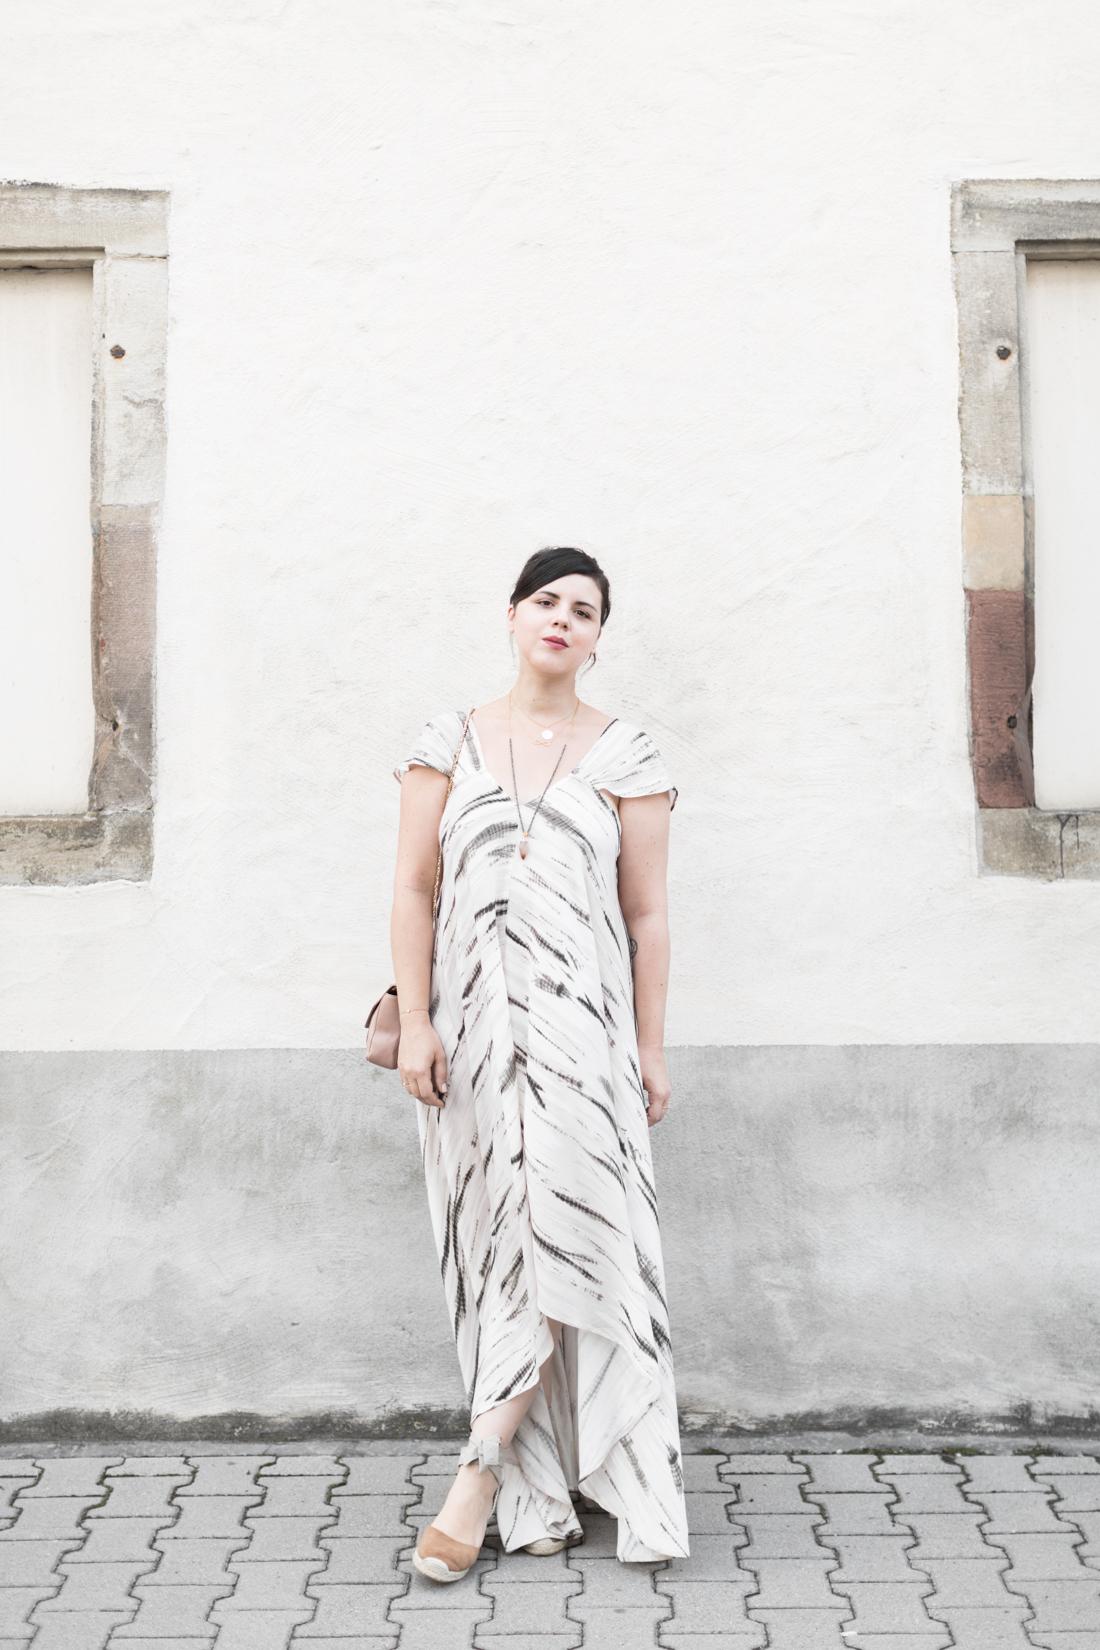 1100 robe louizon collier Elise Tsikis sac espadrilles sezane credit Pauline paulinefashionblog.com 3 Robe Tie & Dye, espadrilles et errances capillaires